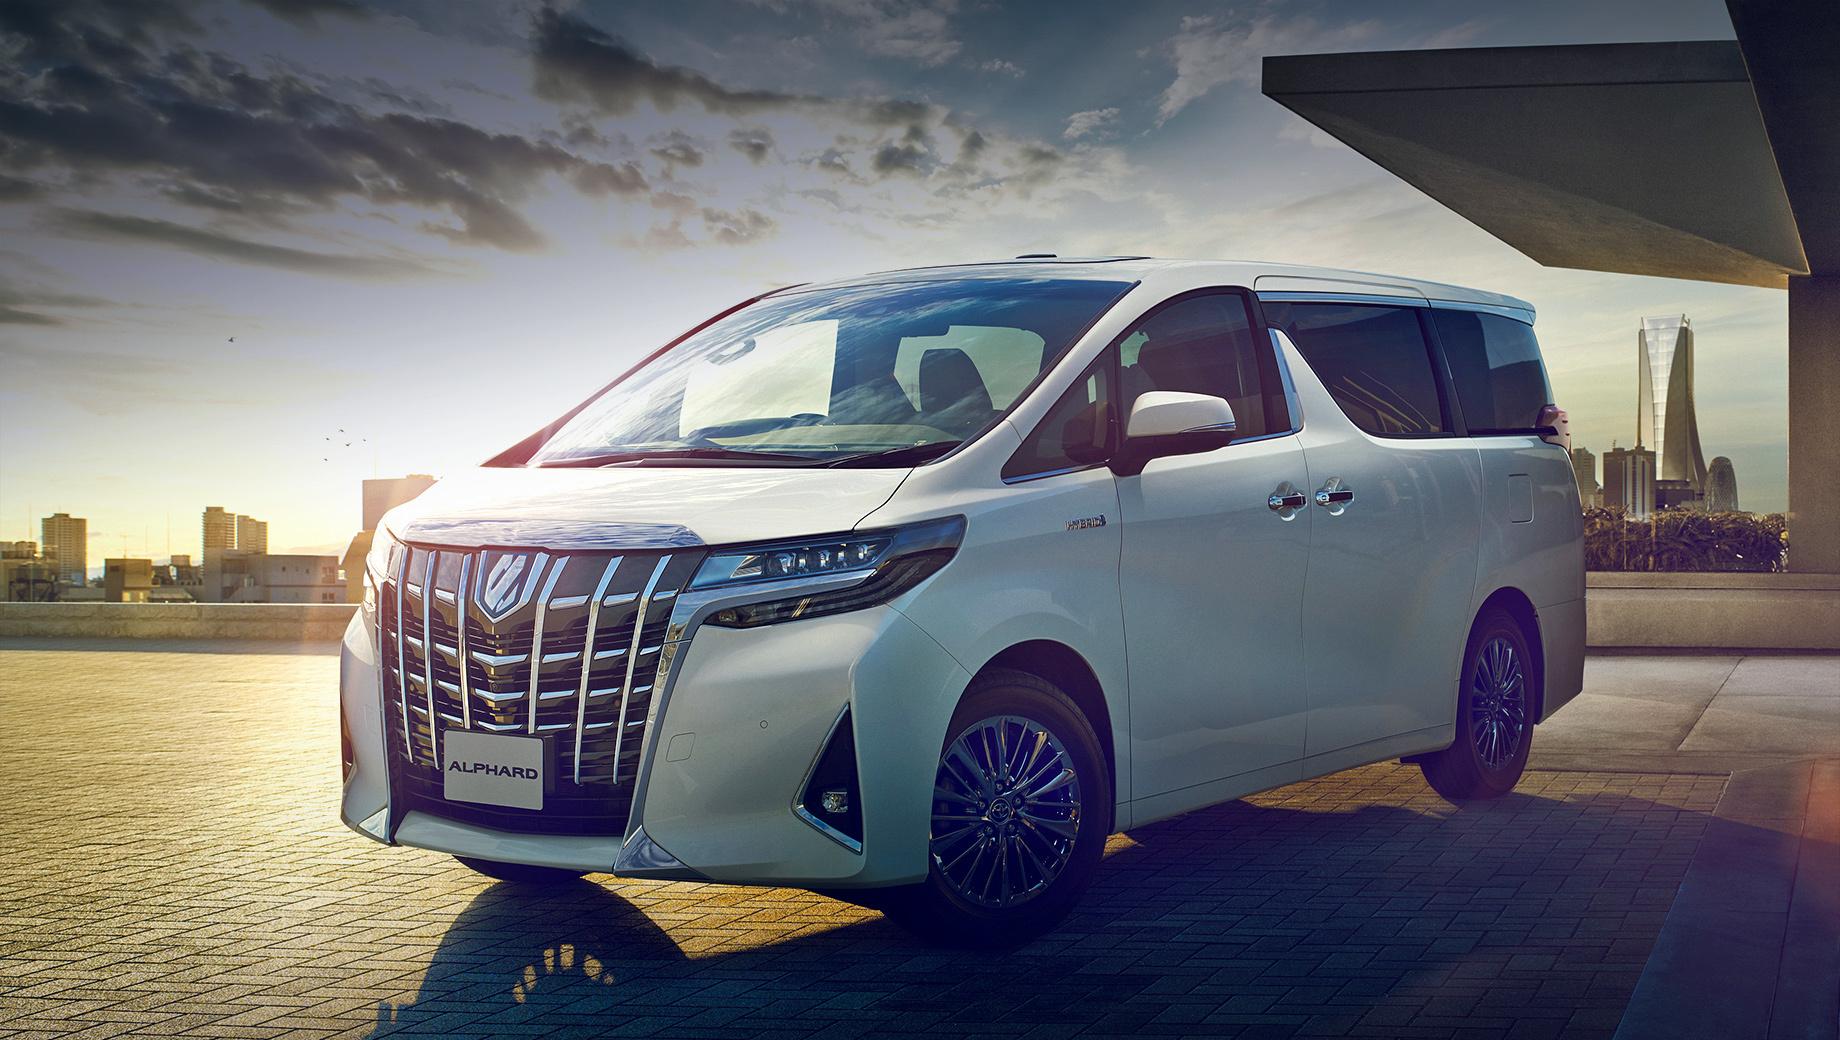 Toyota alphard. Alphard предлагается у нас с атмосферником V6 3.5 (300 л.с., 361 Н•м), восьмидиапазонным «автоматом» и передним приводом по ценам от 4 764 000 рублей. Предыдущие отзывы Альфардов проводились летом 2018-го: для замены подушек и обновления софта.